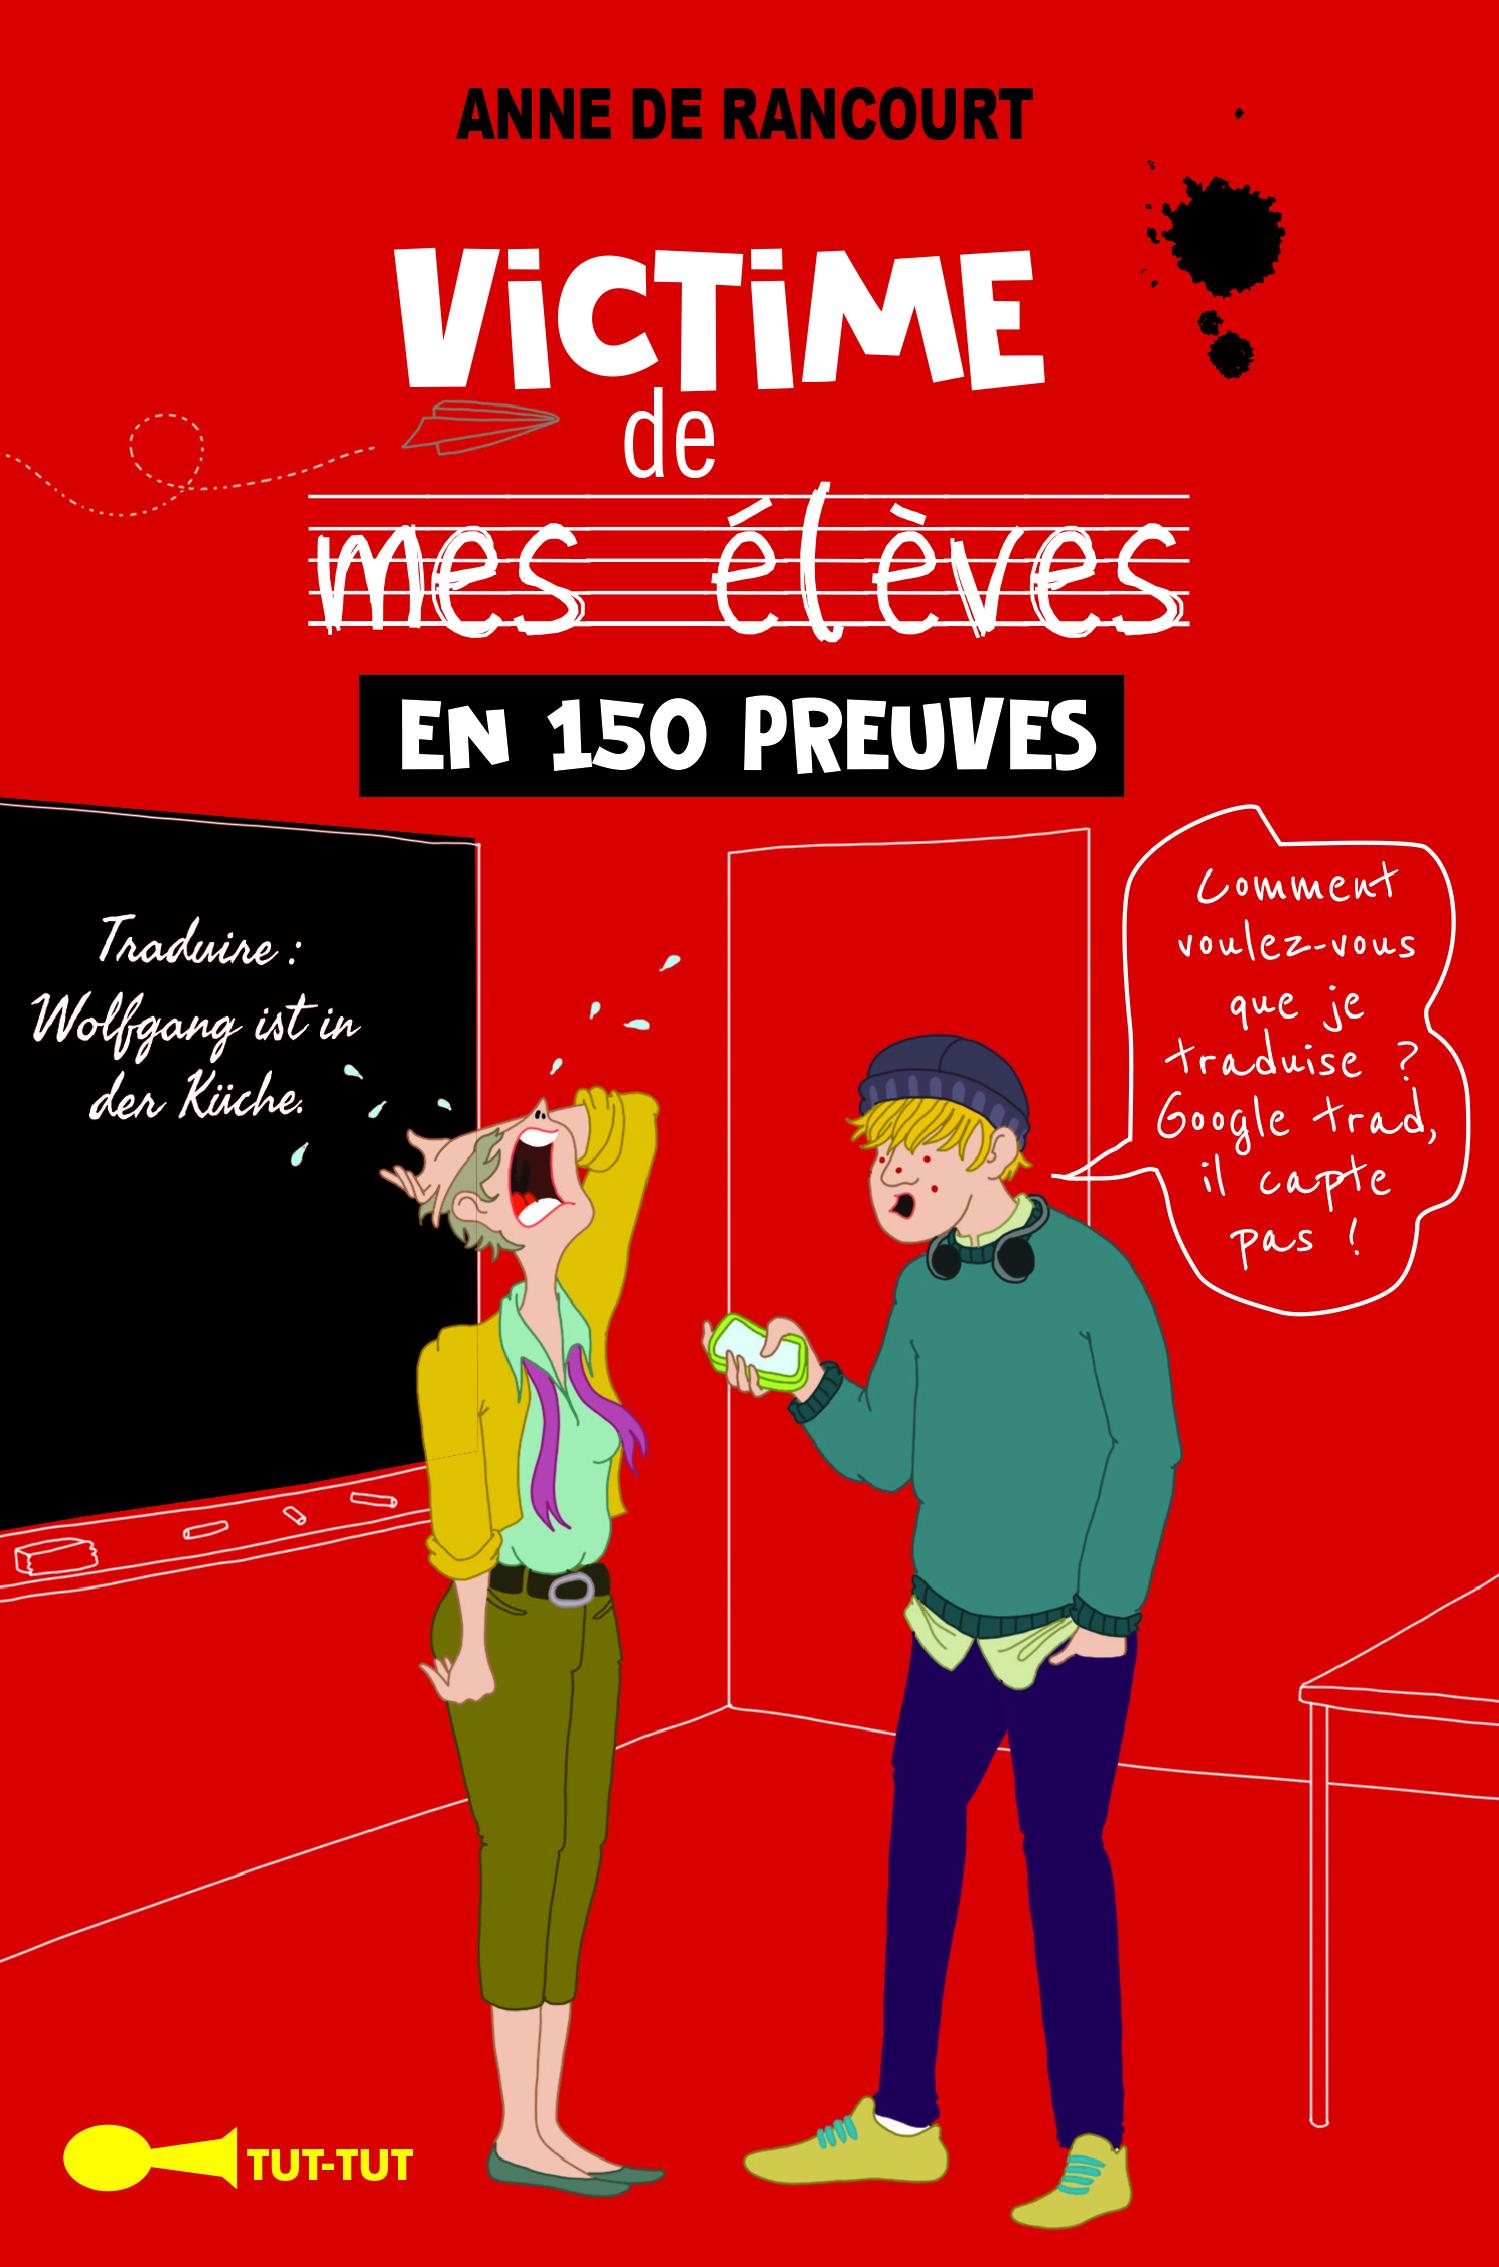 VICTIME DE MES ELEVES EN 150 PREUVES